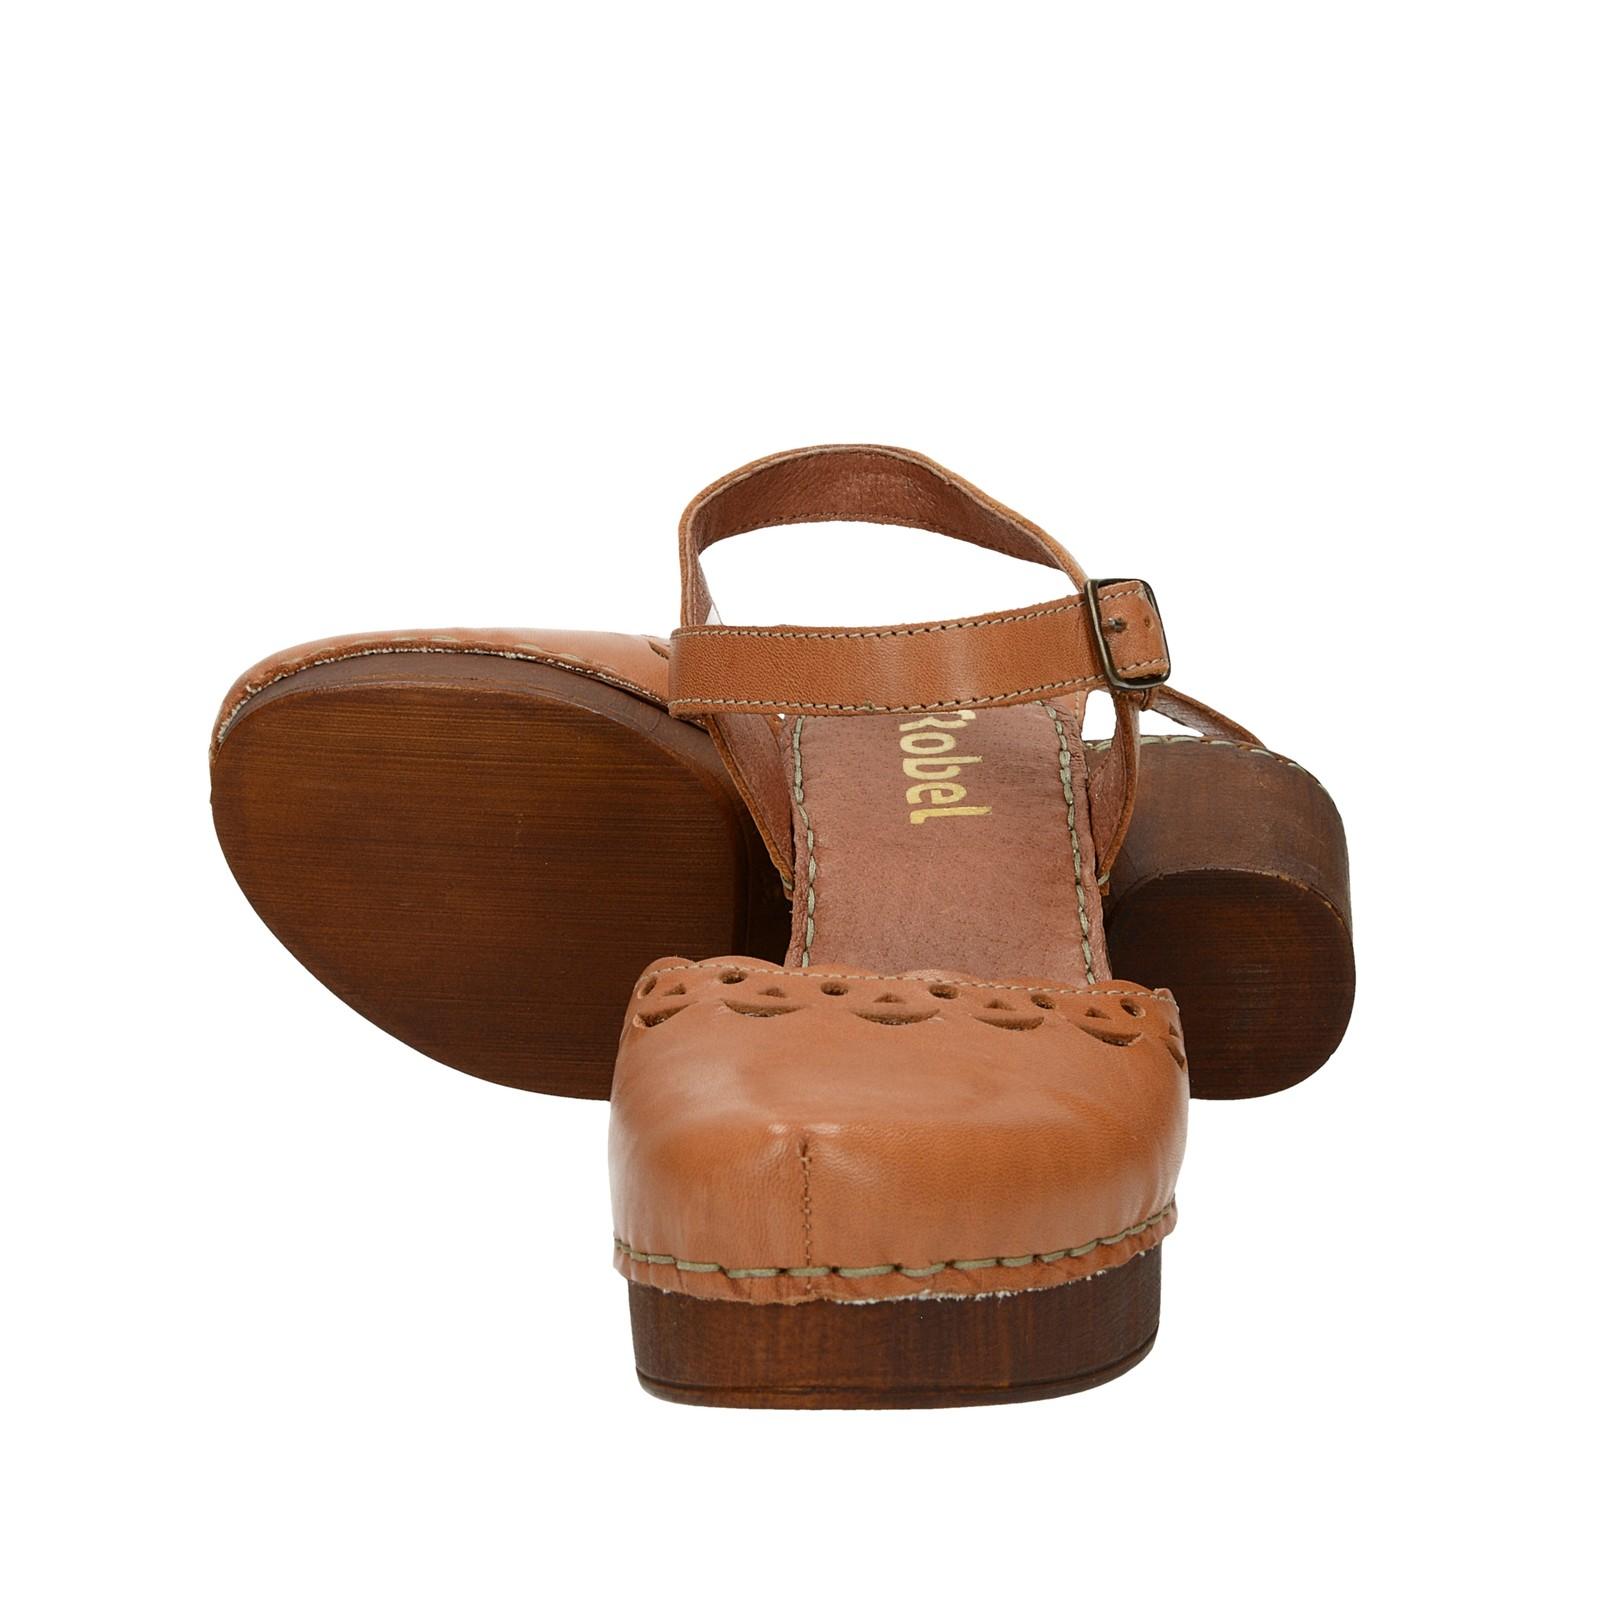 b0ca1cd2f221 ... Robel dámske kožené sandále na podpätku - hnedé ...